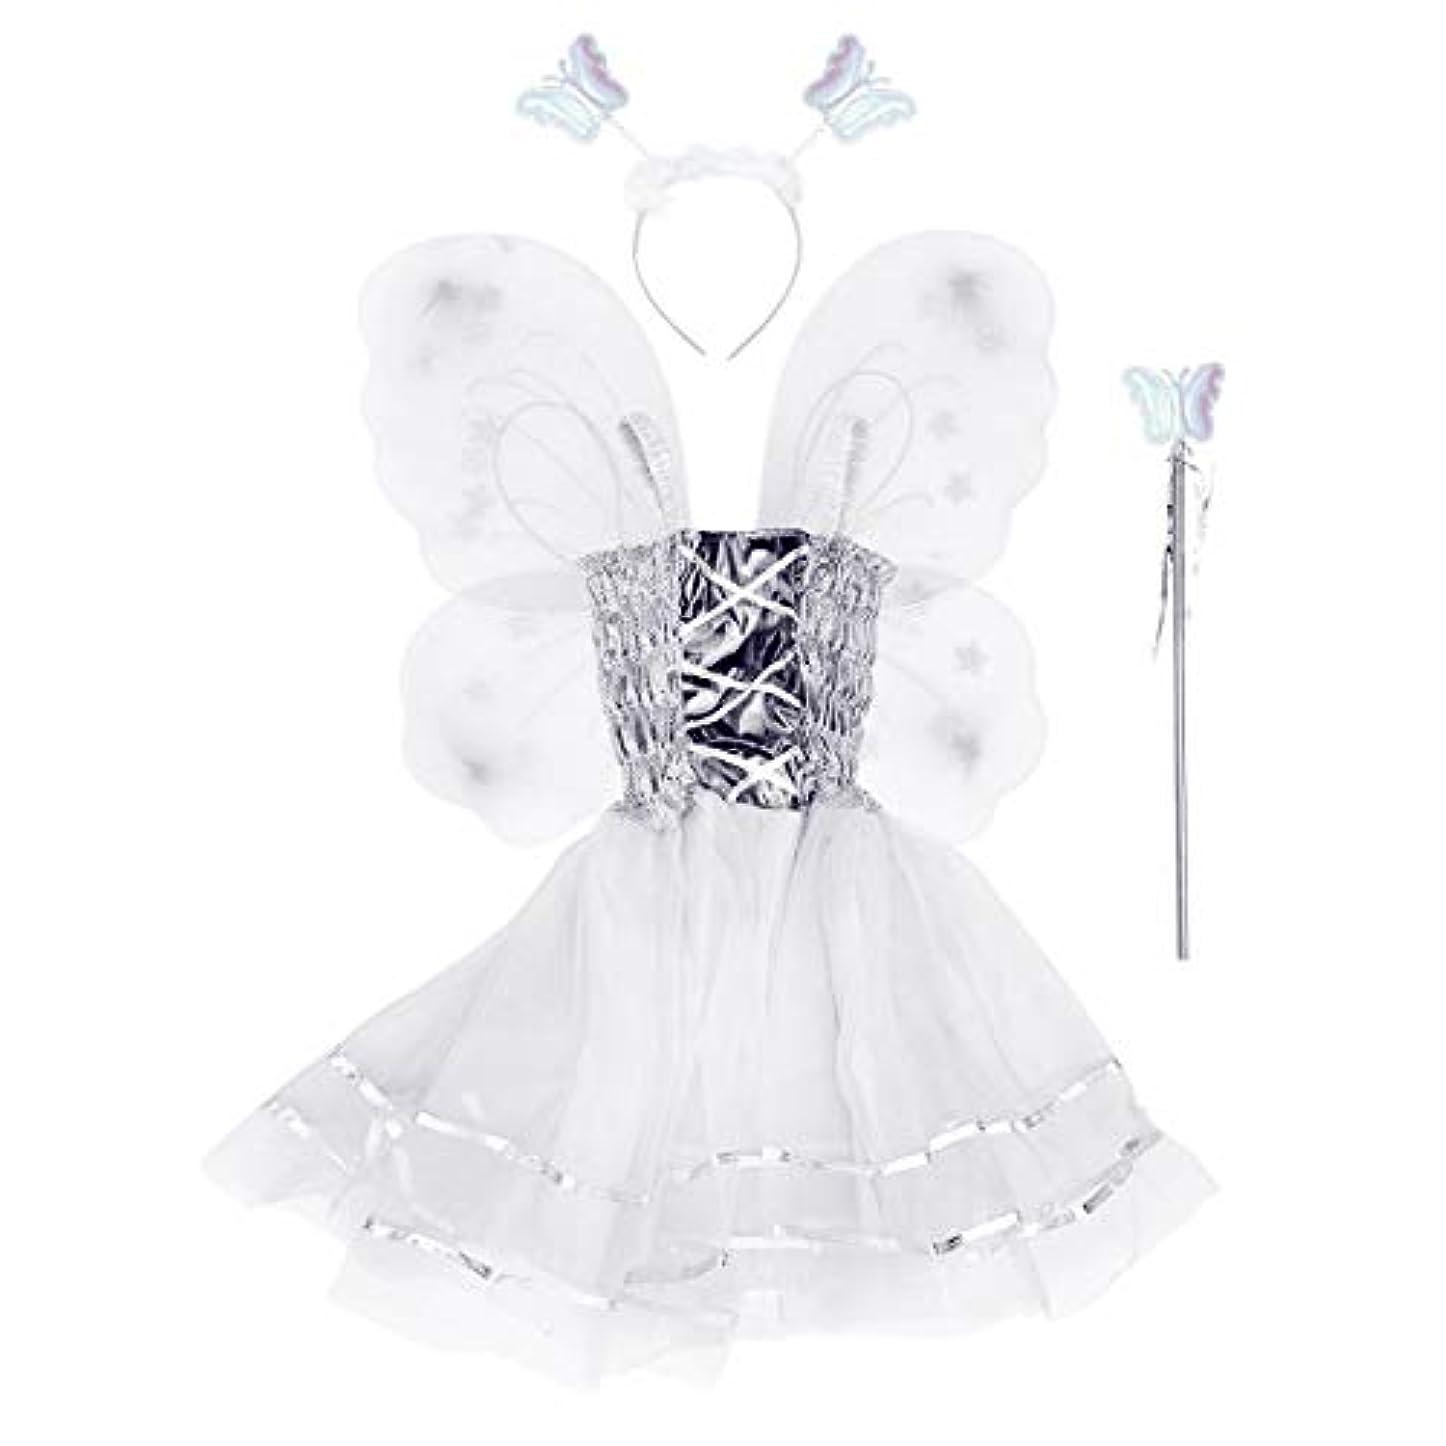 配当軽減するバッジBESTOYARD 4本の女の子バタフライプリンセス妖精のコスチュームセット蝶の羽、ワンド、ヘッドバンドとツツードレス(ホワイト)